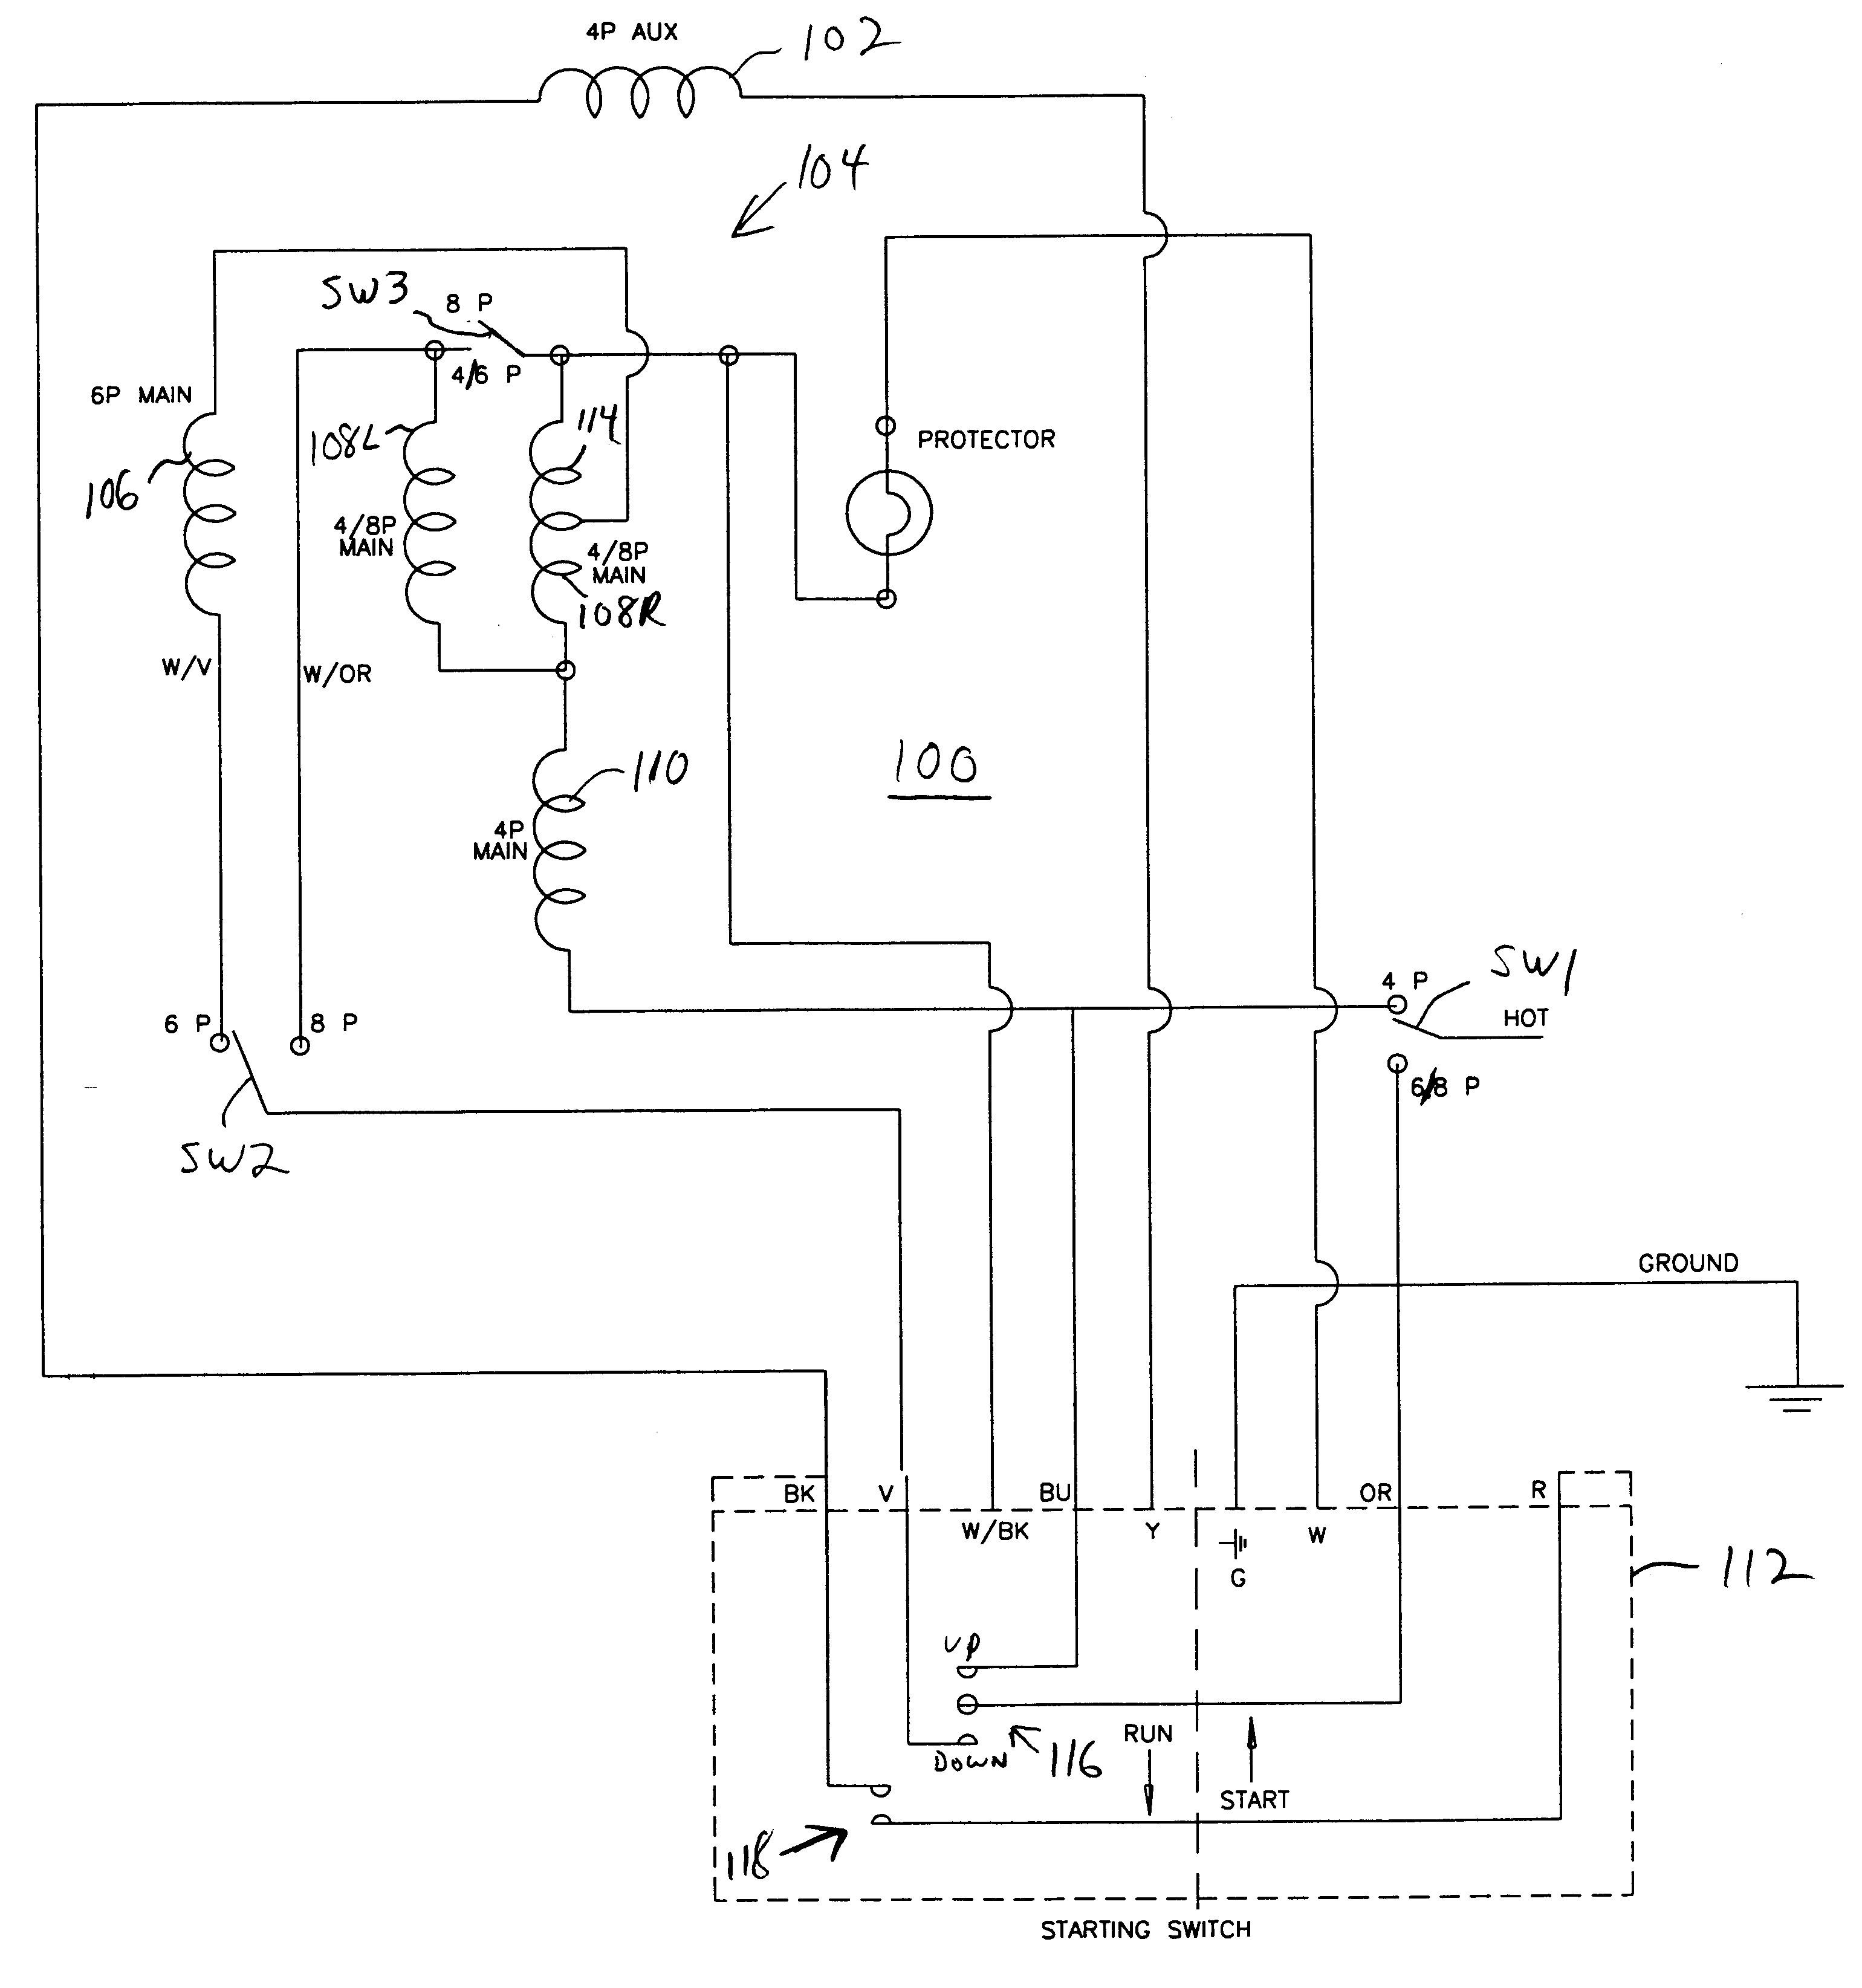 Single Phase Motor Starter Wiring Diagram Amazing Single Phase forward Reverse Wiring Diagram S Of Single Phase Motor Starter Wiring Diagram